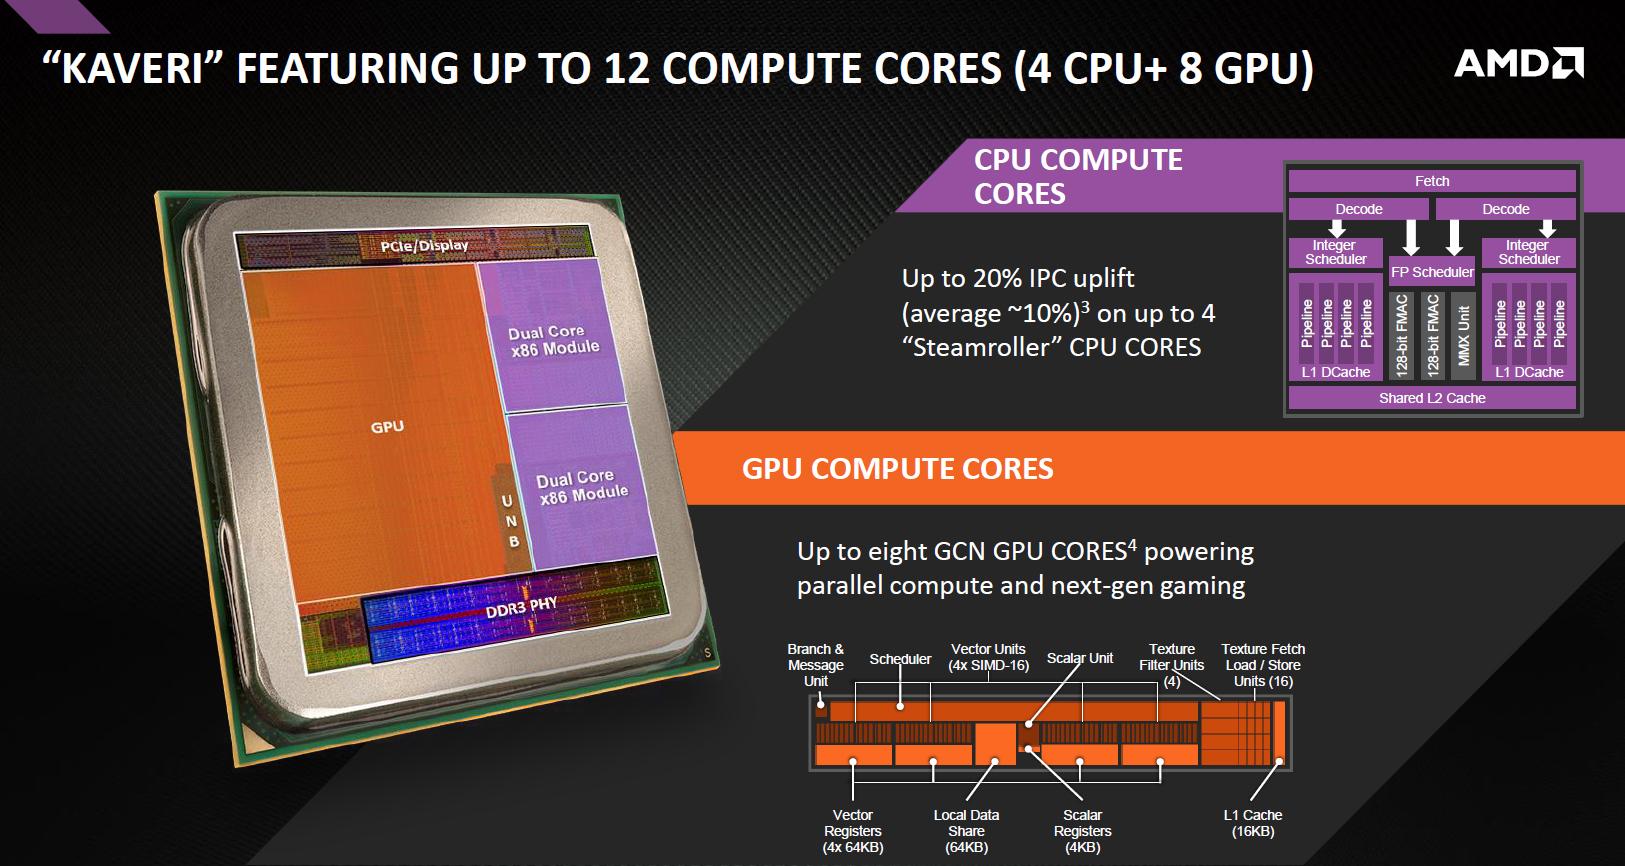 AMD A10-7850K APU